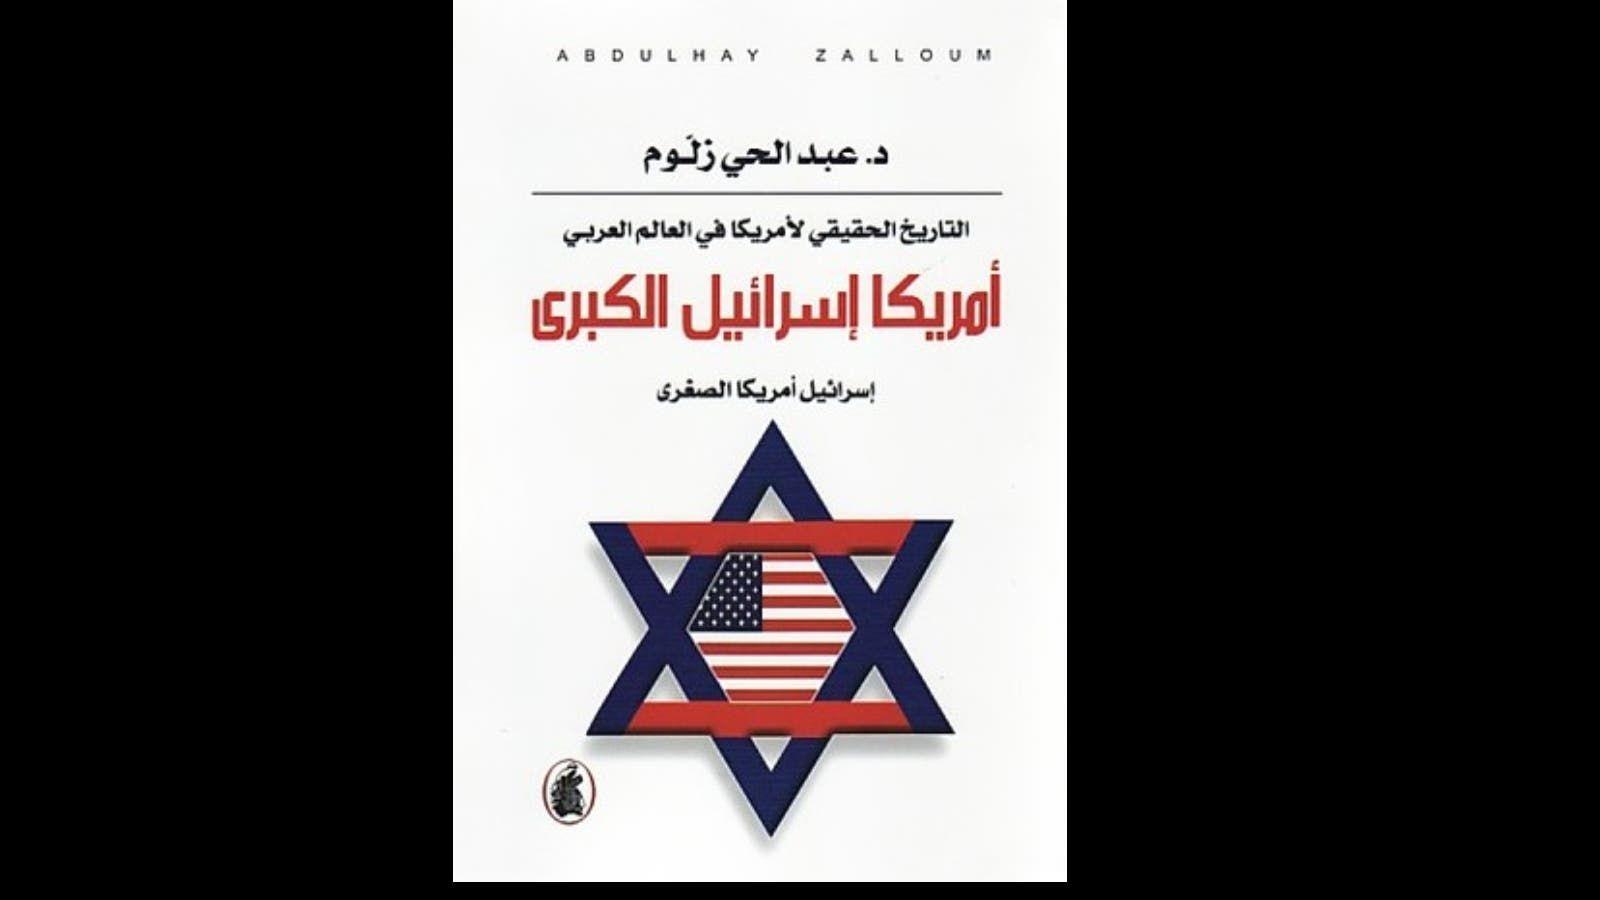 أمريكا إسرائيل الكبرى إسرائيل أمريكا الصغرى لعبدالحي زلوم Convenience Store Products